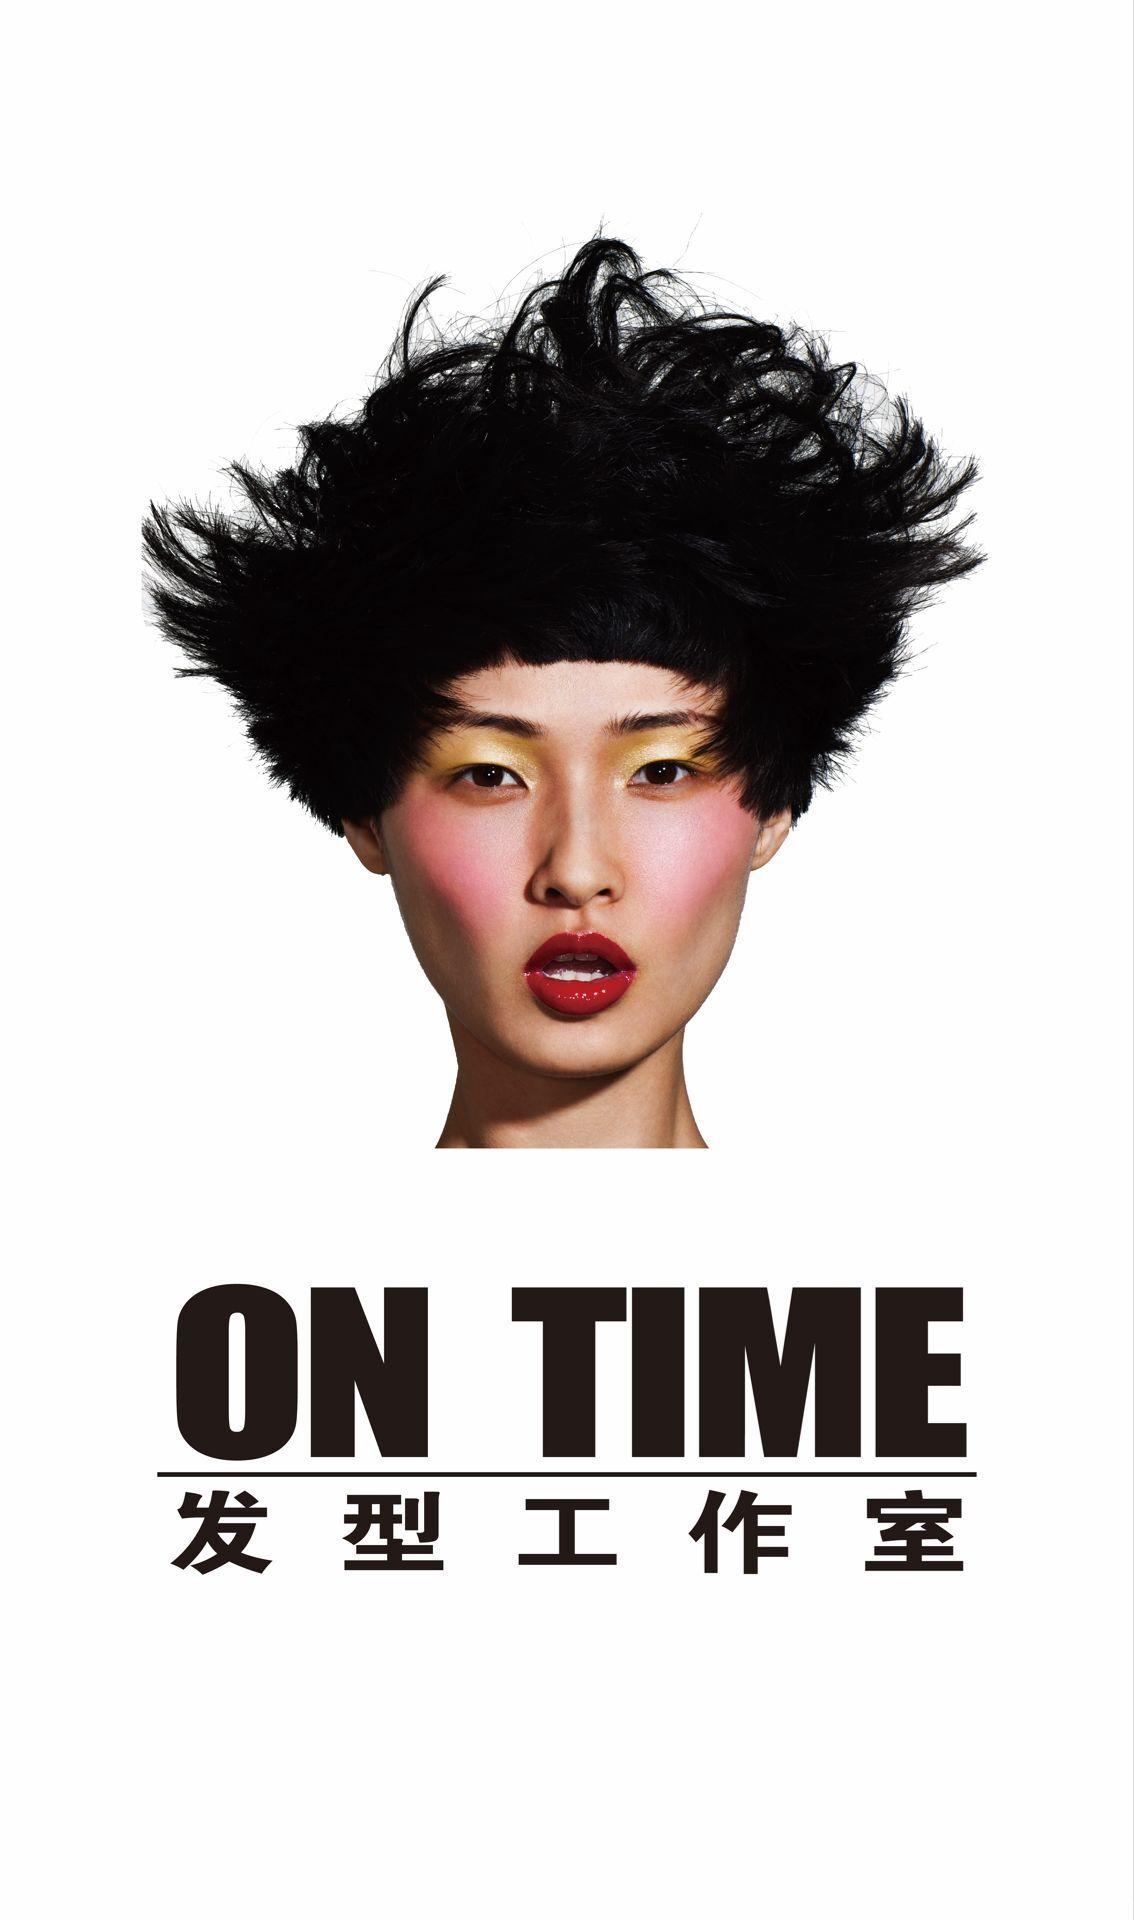 士打造时尚的发艺造型,在on time发型工作室舒适图片